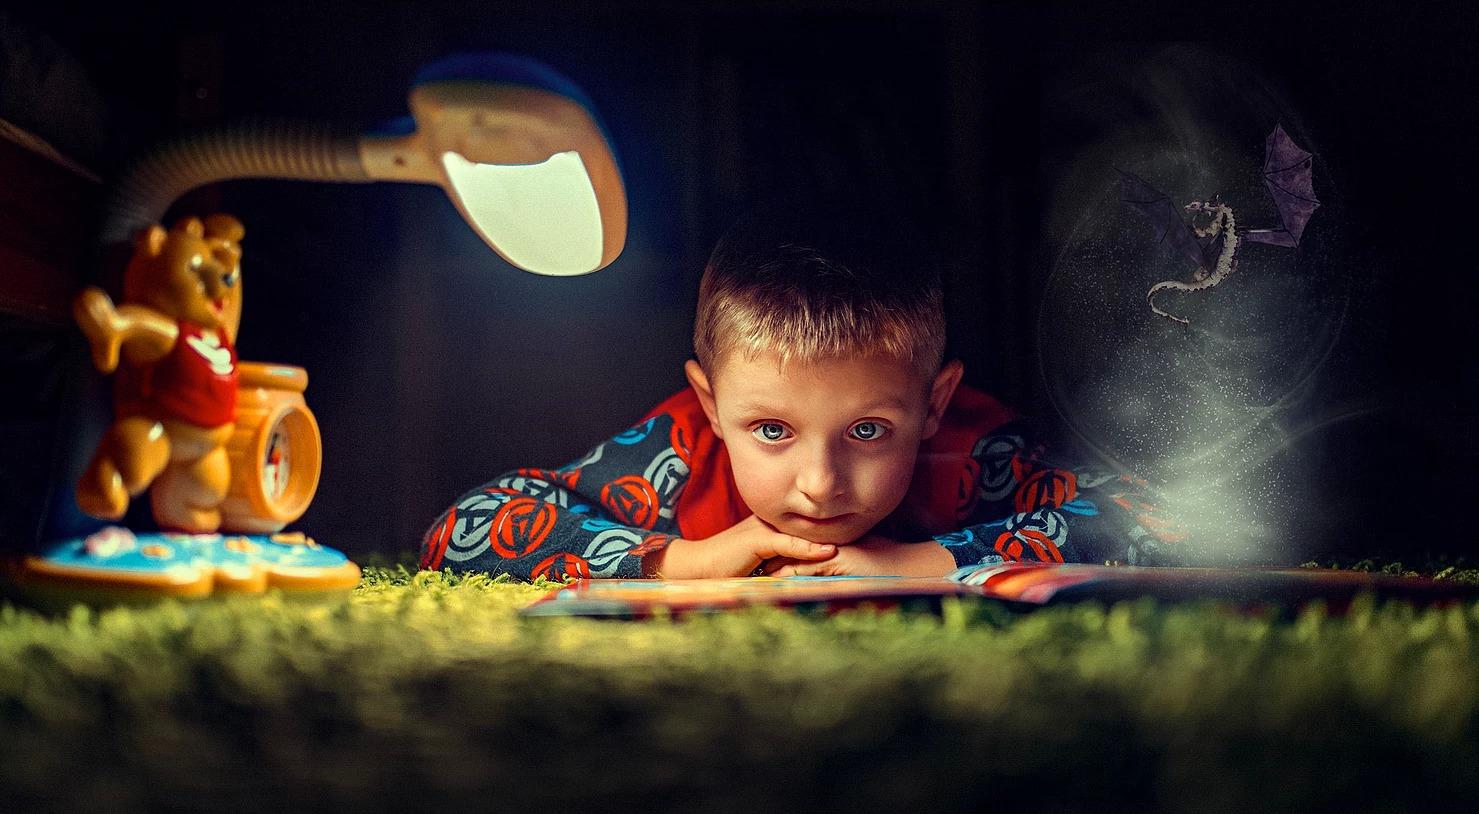 Zdjęcie abstrakcyjne dziecka ze smokami i bajką